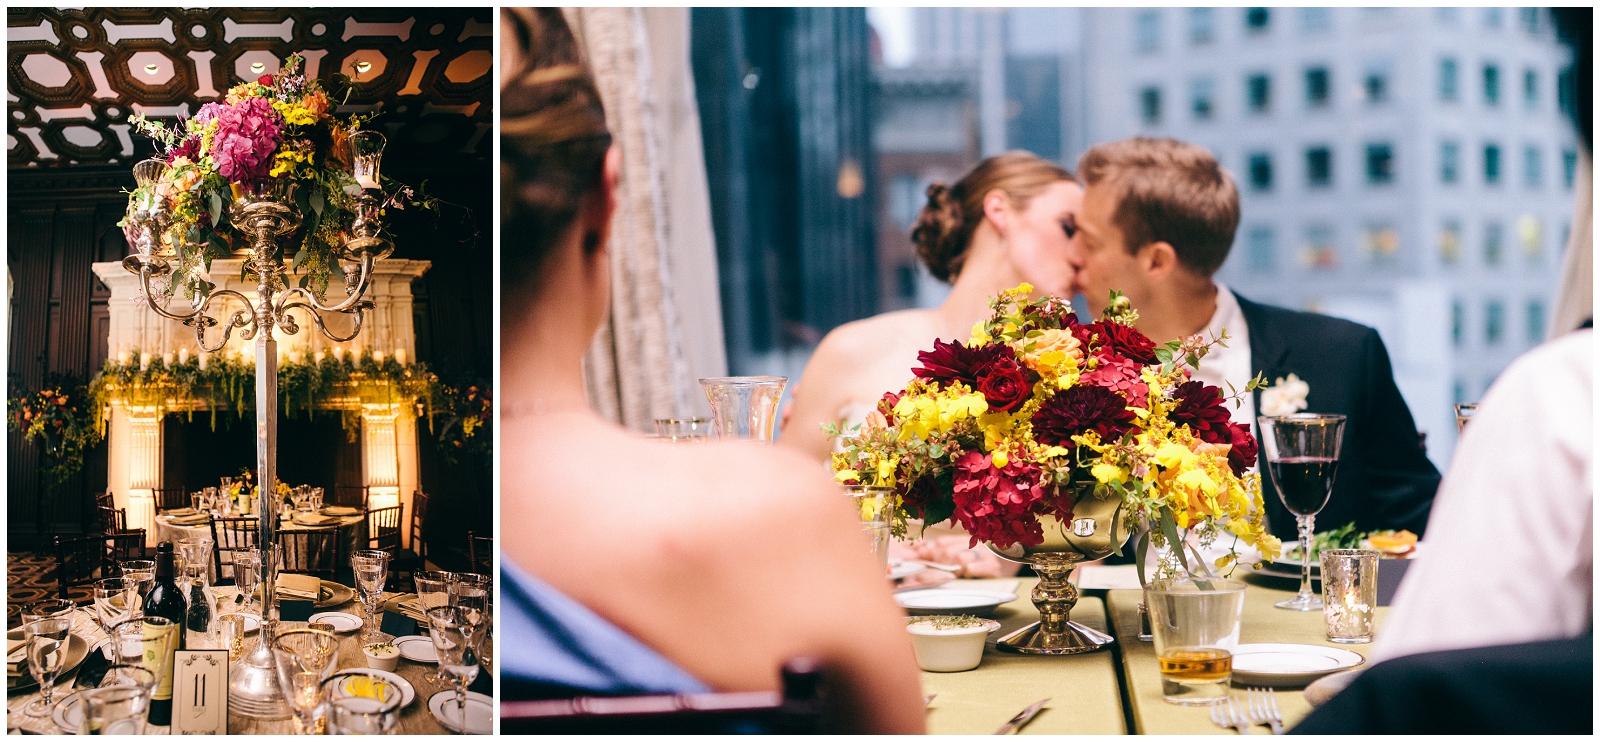 San-Francisco-Bay-Area-Wedding-Photography-Julia-Morgan-Ballroom-14.jpg